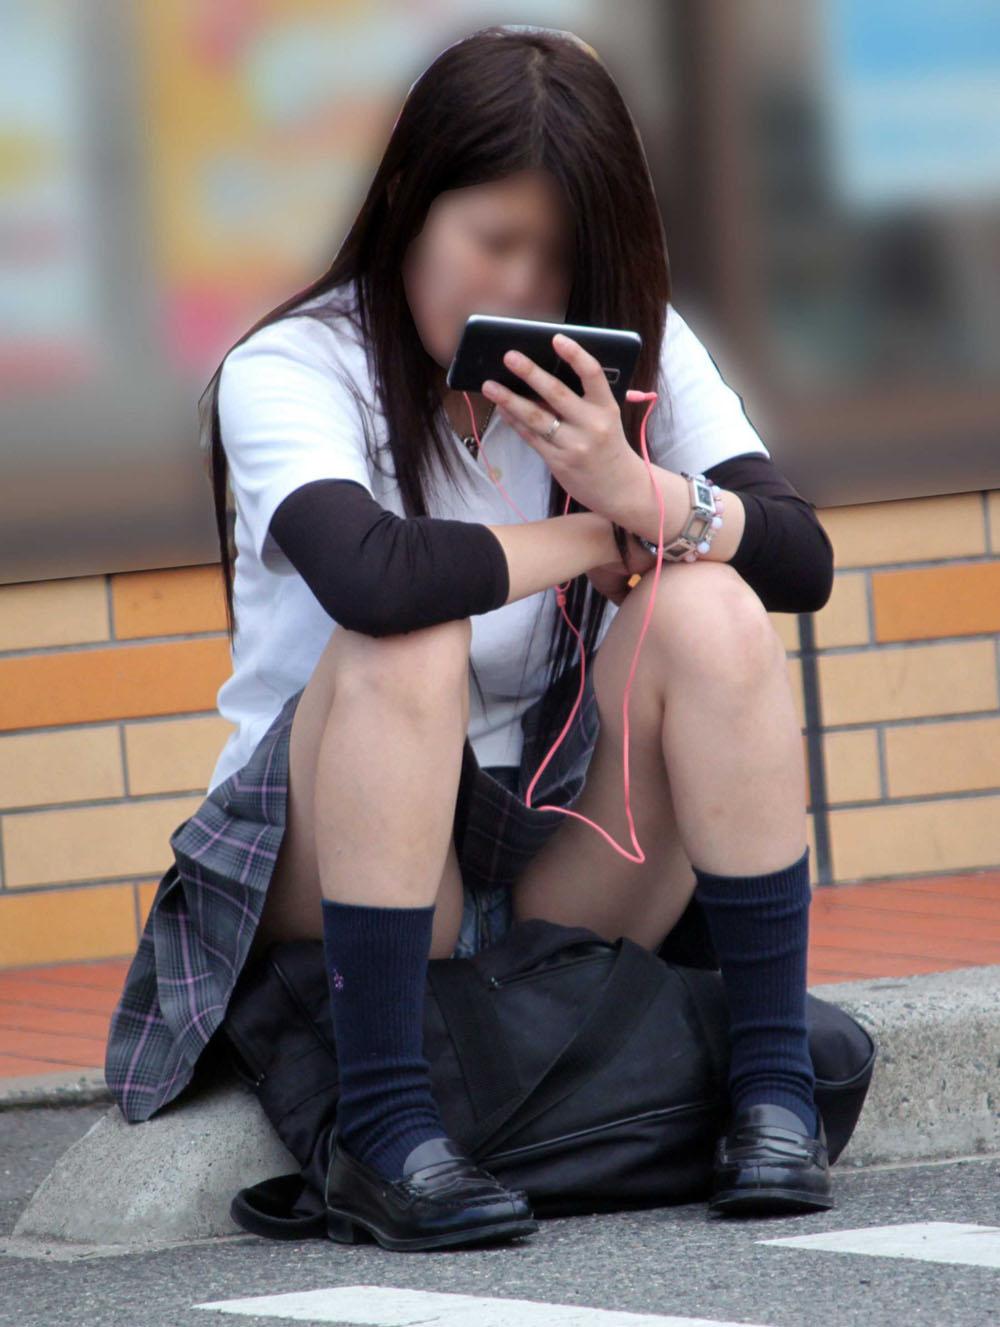 【パンチラエロ画像】貞操観念も疑わしくなってしまうような見え過ぎな座りパンチラwww 15